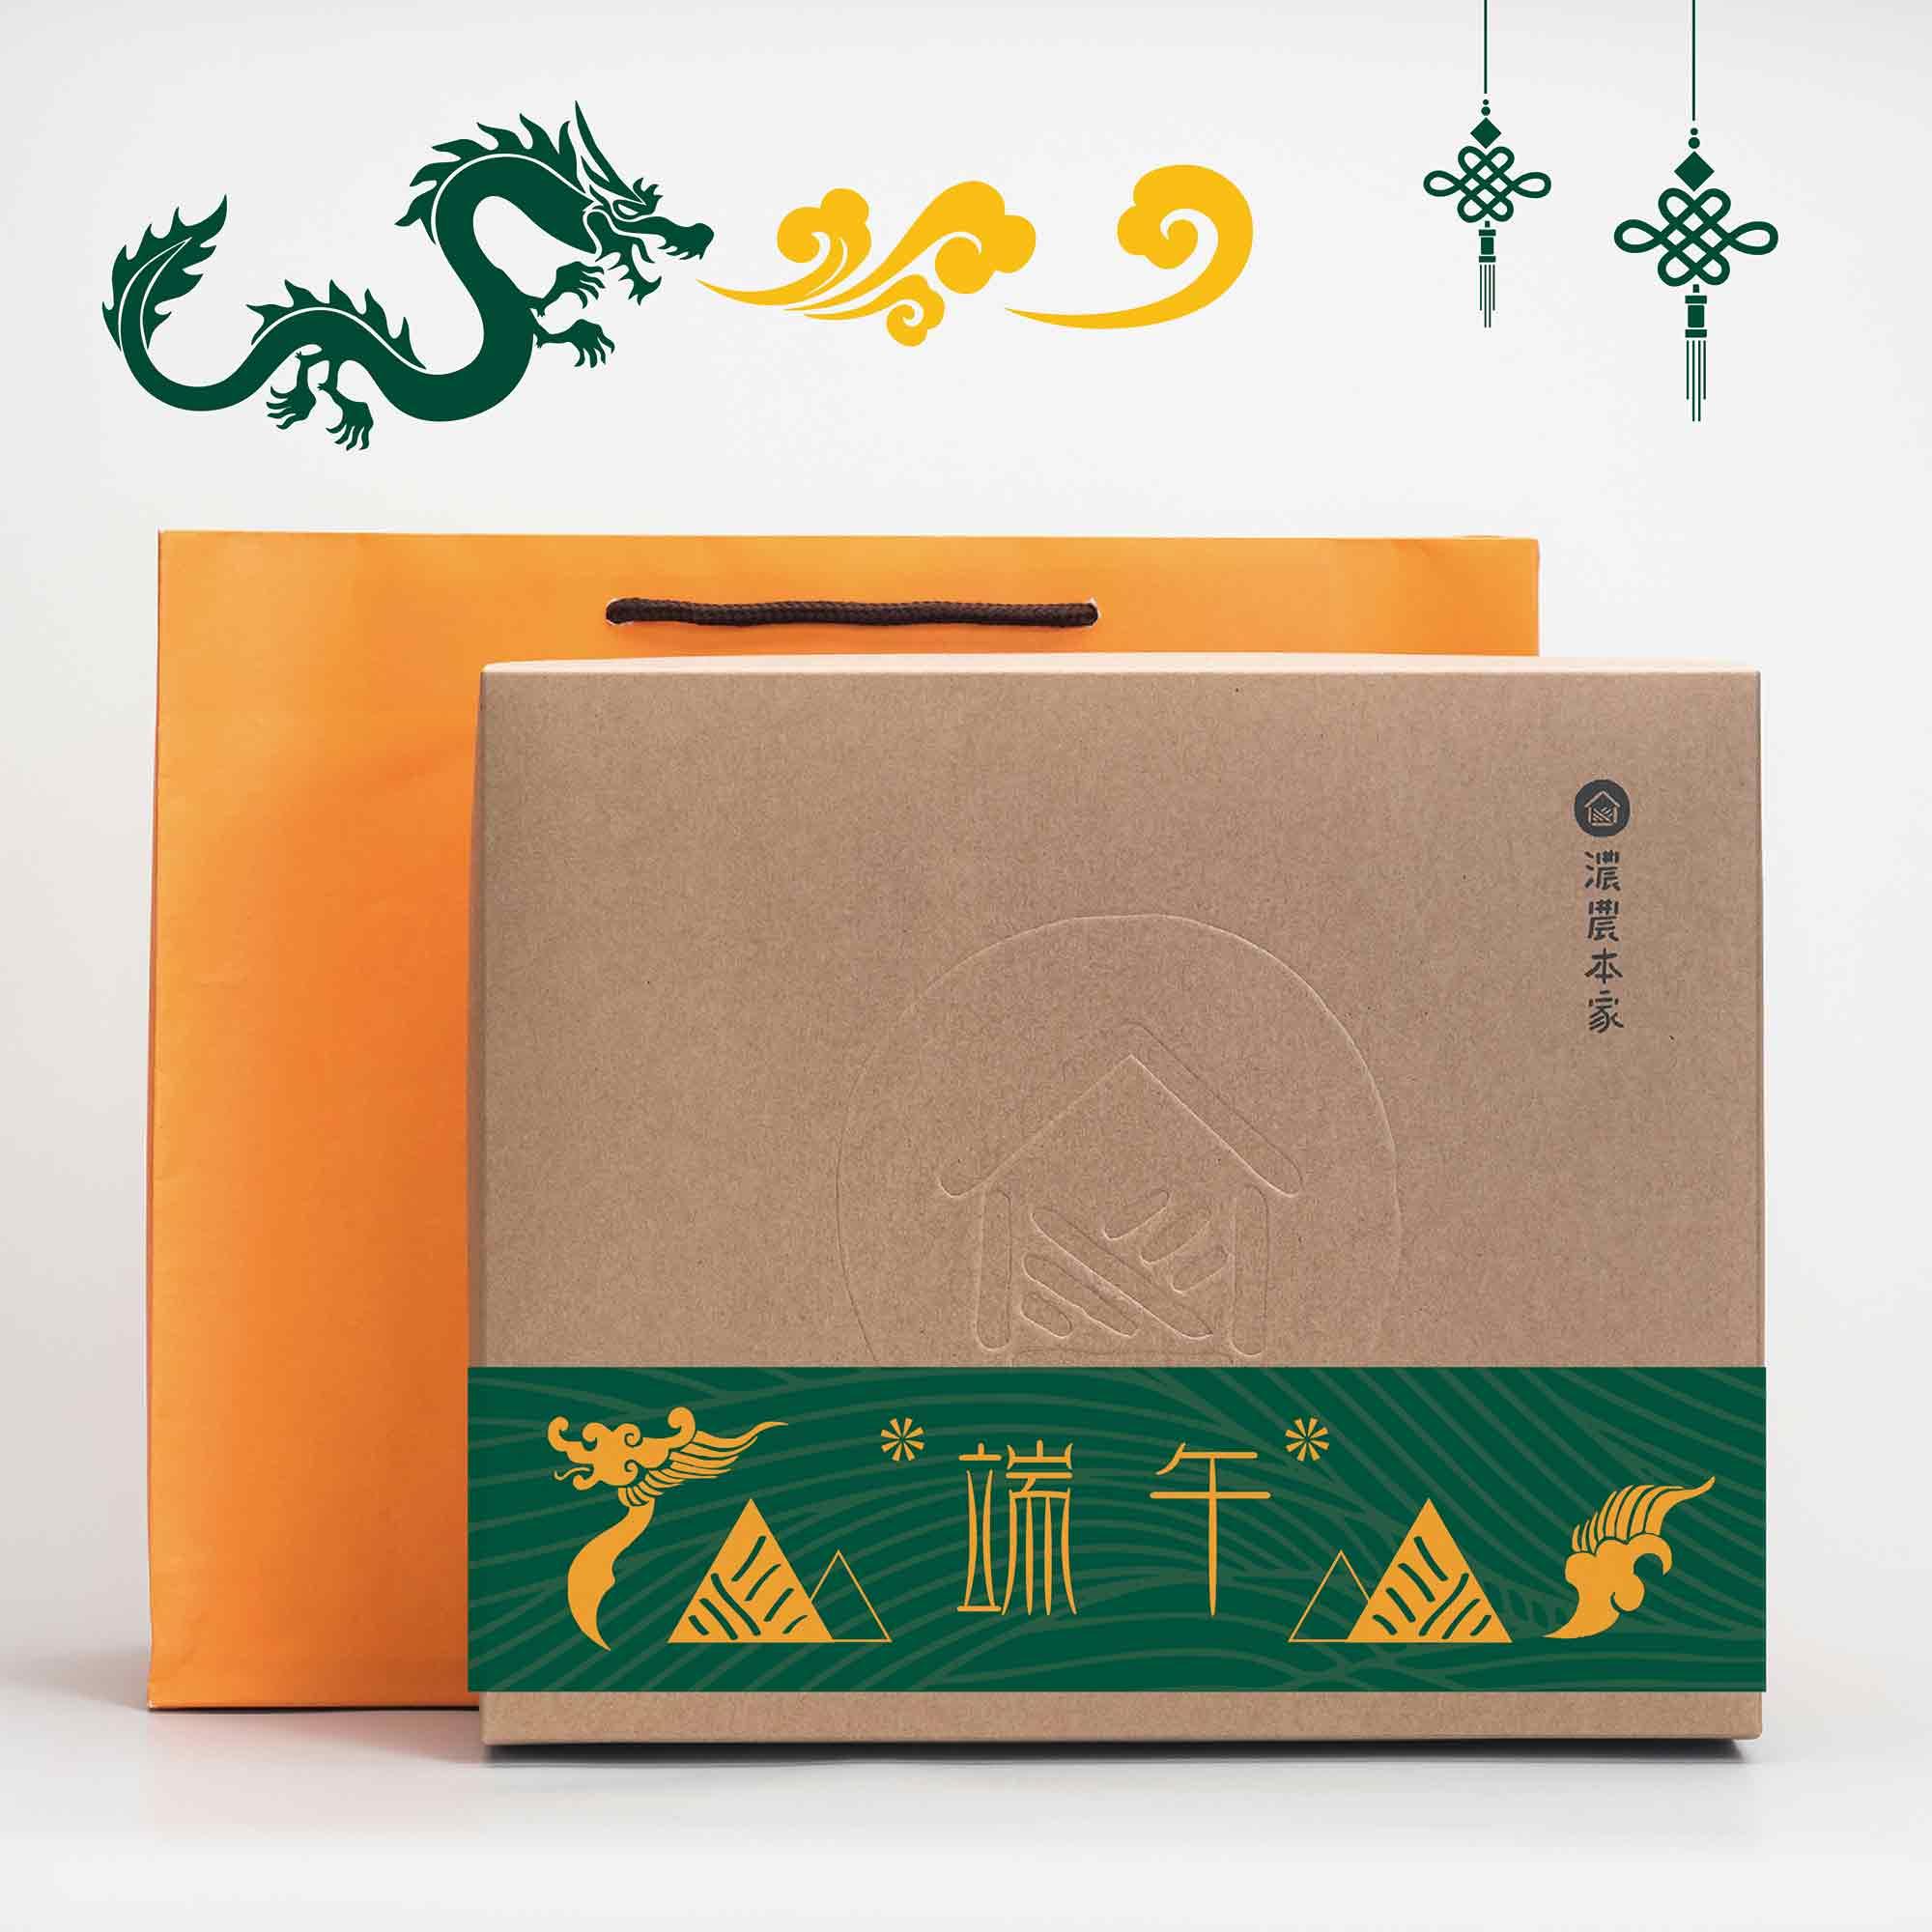 尾牙禮品推薦-養身禮盒